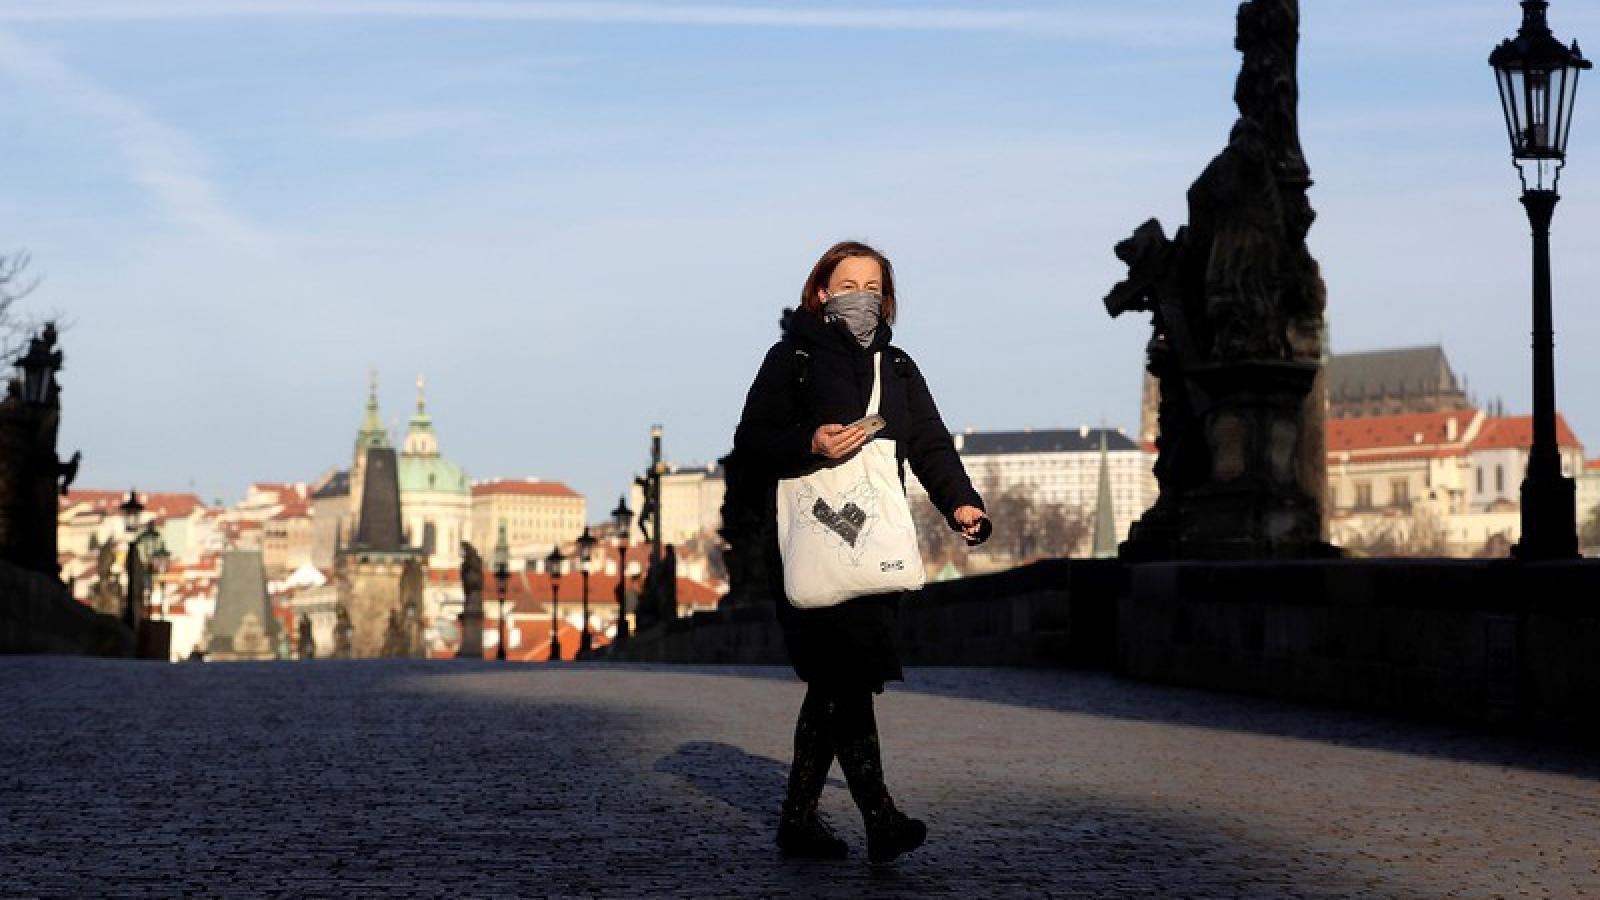 Séc buộc người dân phải đeo khẩu trang nơi công cộng để phòng dịch Covid-19